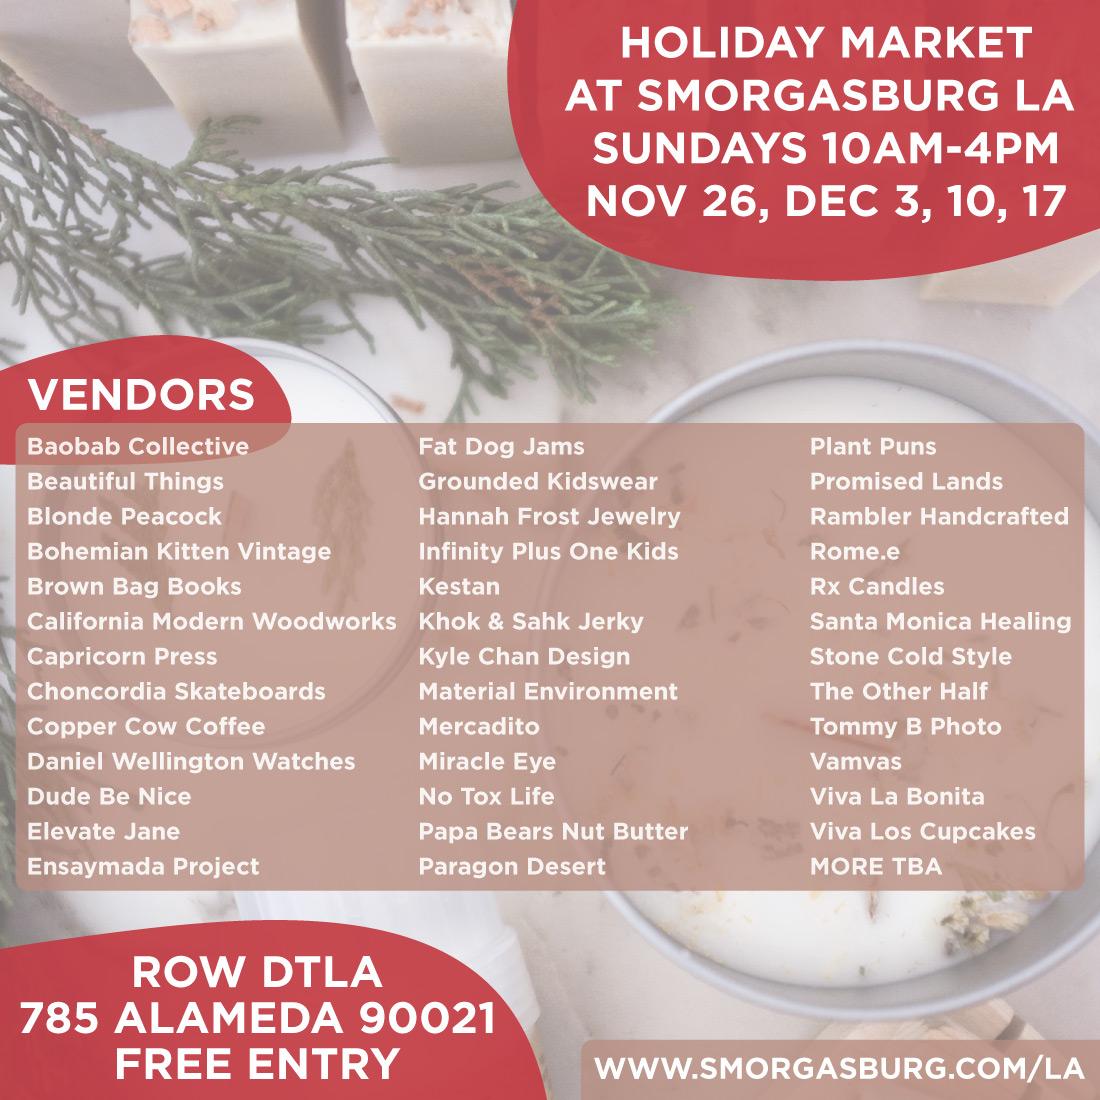 Holiday-Market-photo-flyer-MAIN.jpg